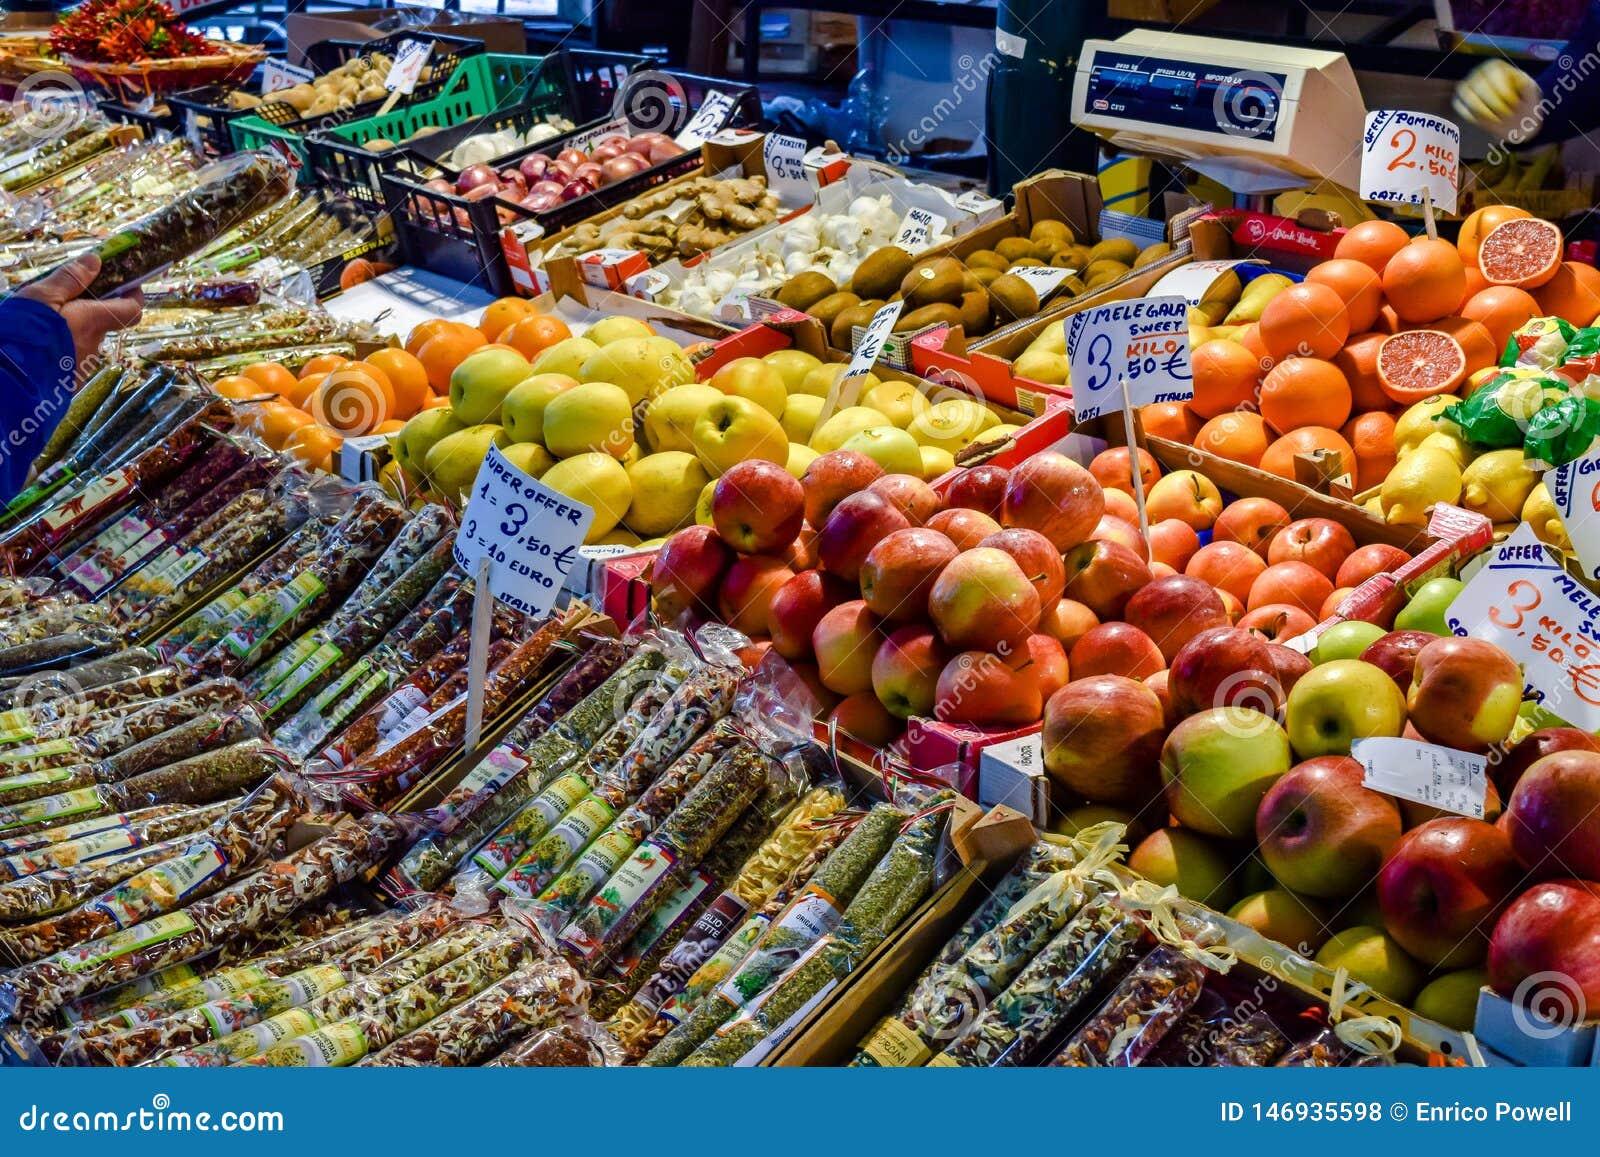 Яблоки, апельсины, киви и другие плоды и специи на дисплее для продажи на рынке Rialto в Венеции, Италии